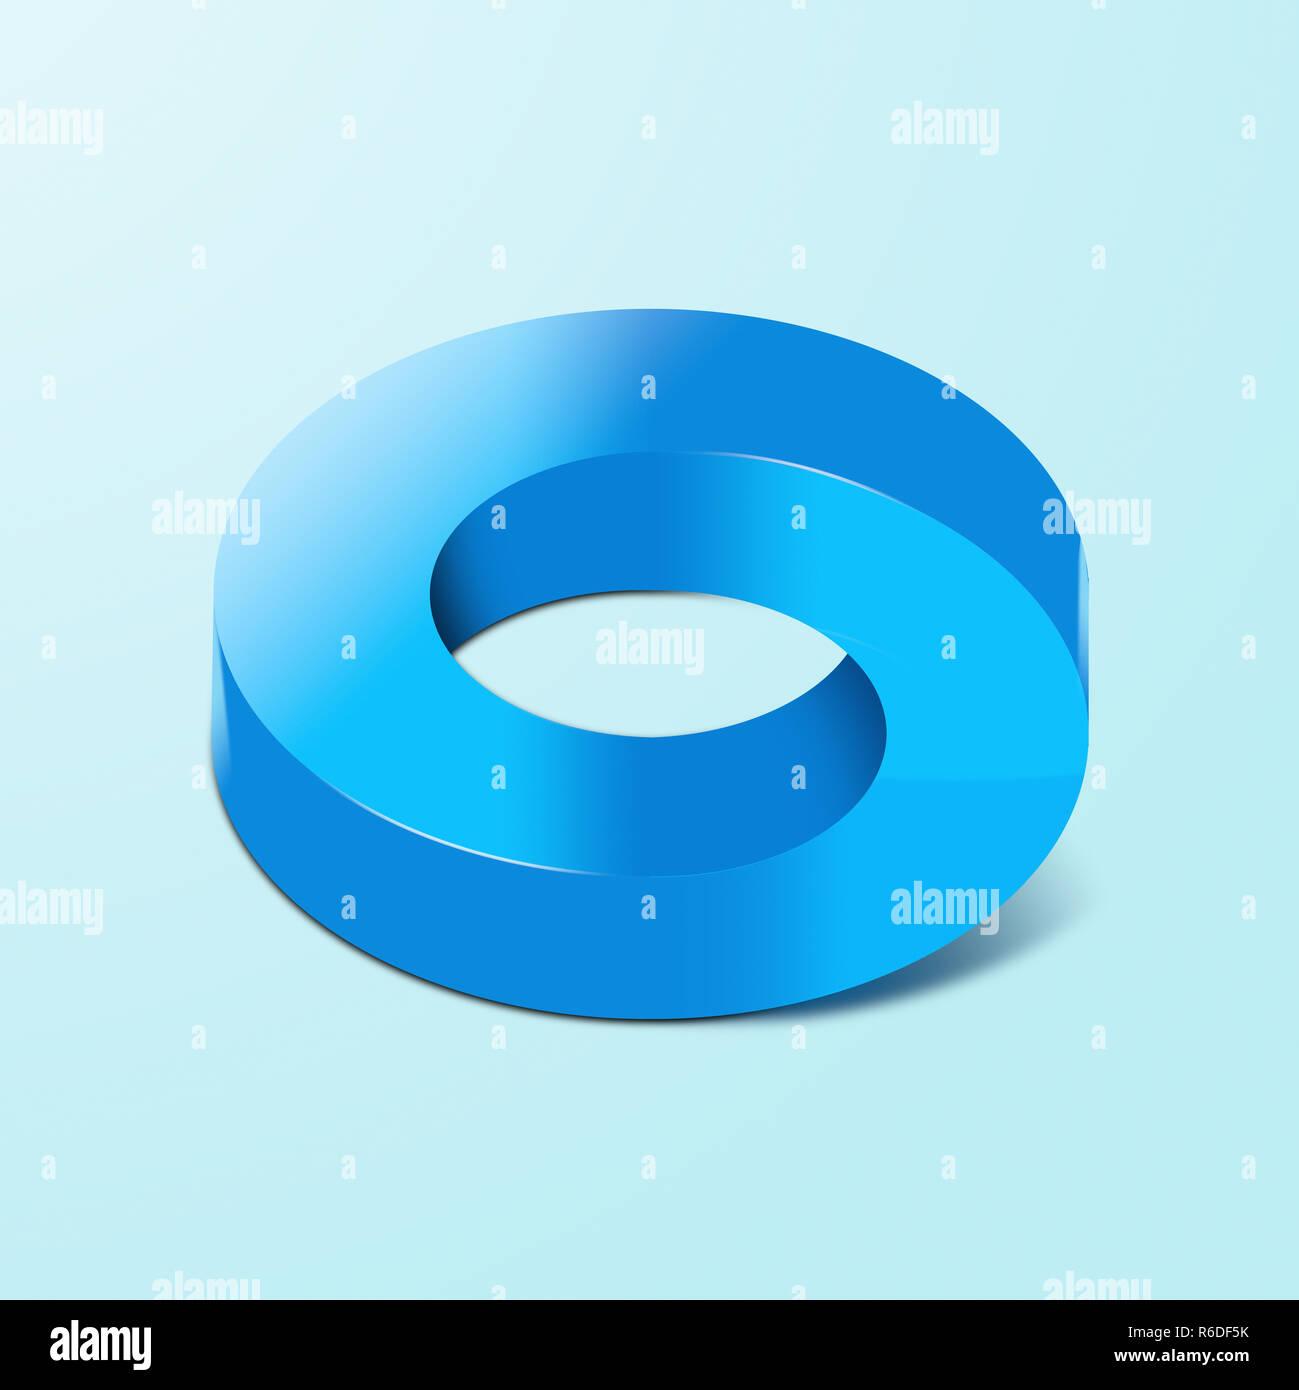 Imagen digital de una ilusión óptica circular de color azul, fondo blanco. Imagen De Stock